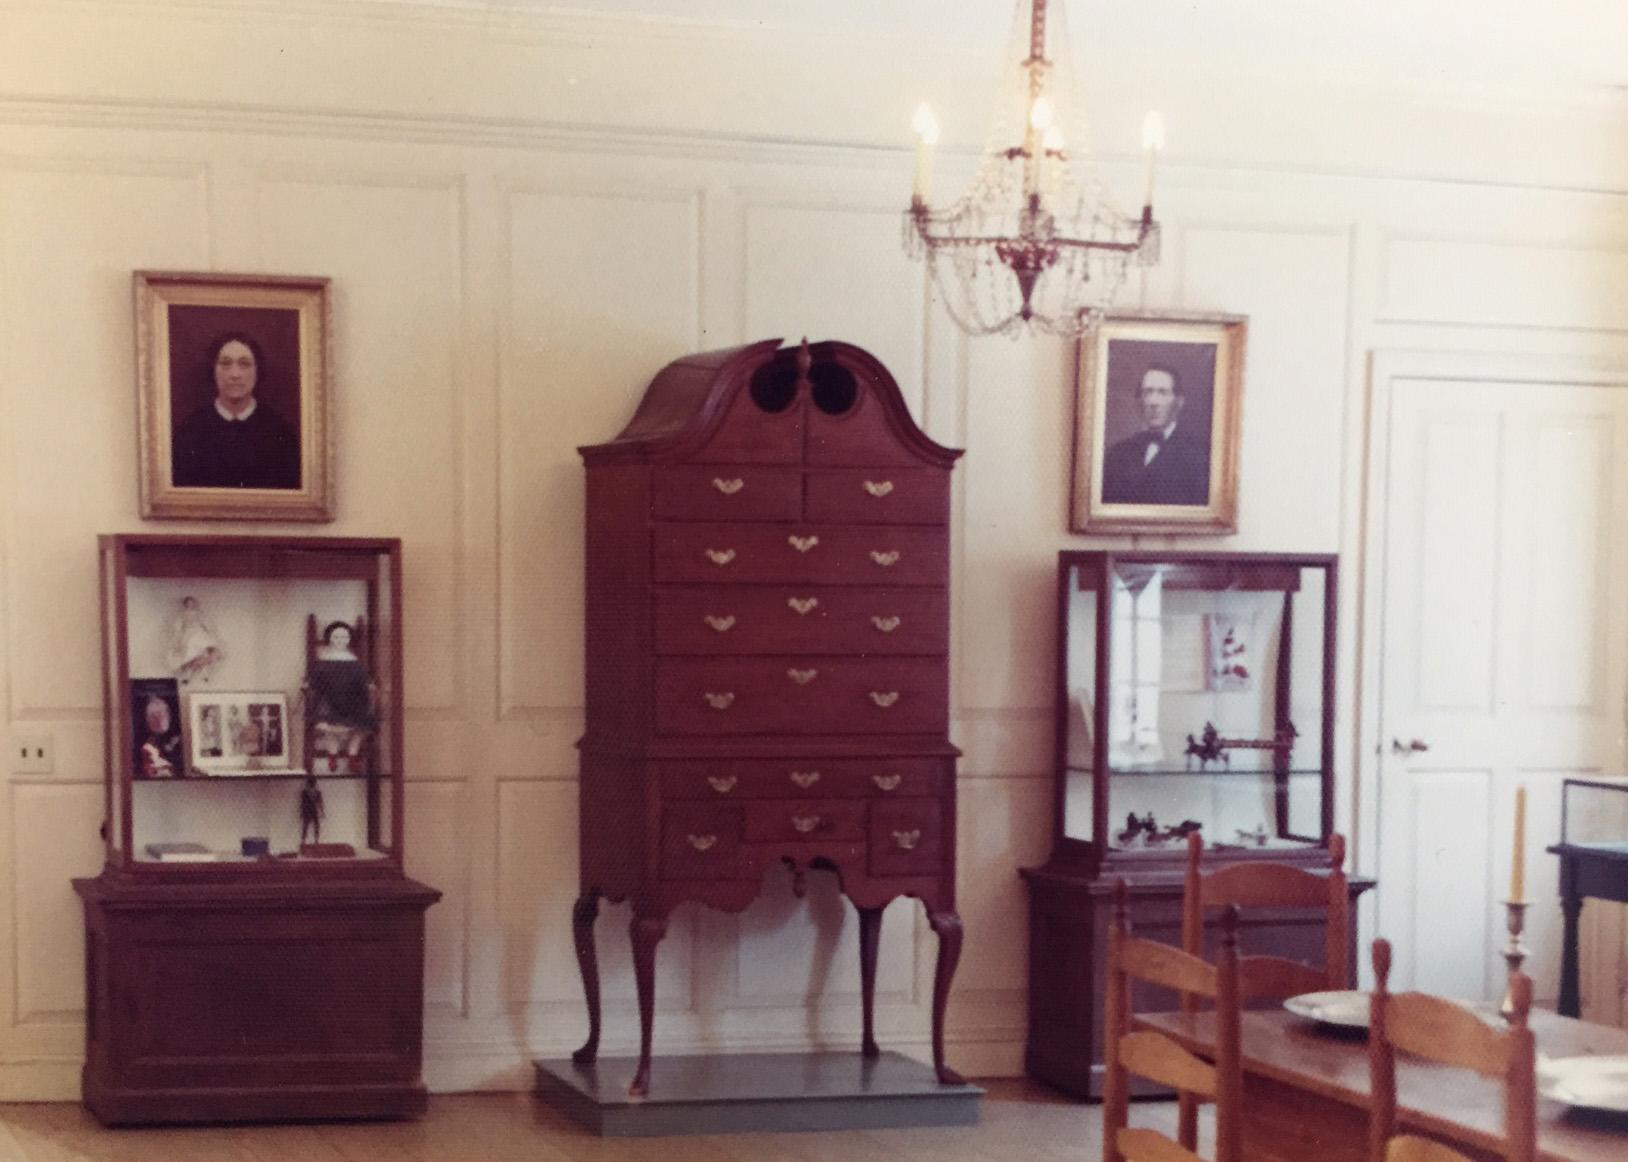 Museum room in 1975